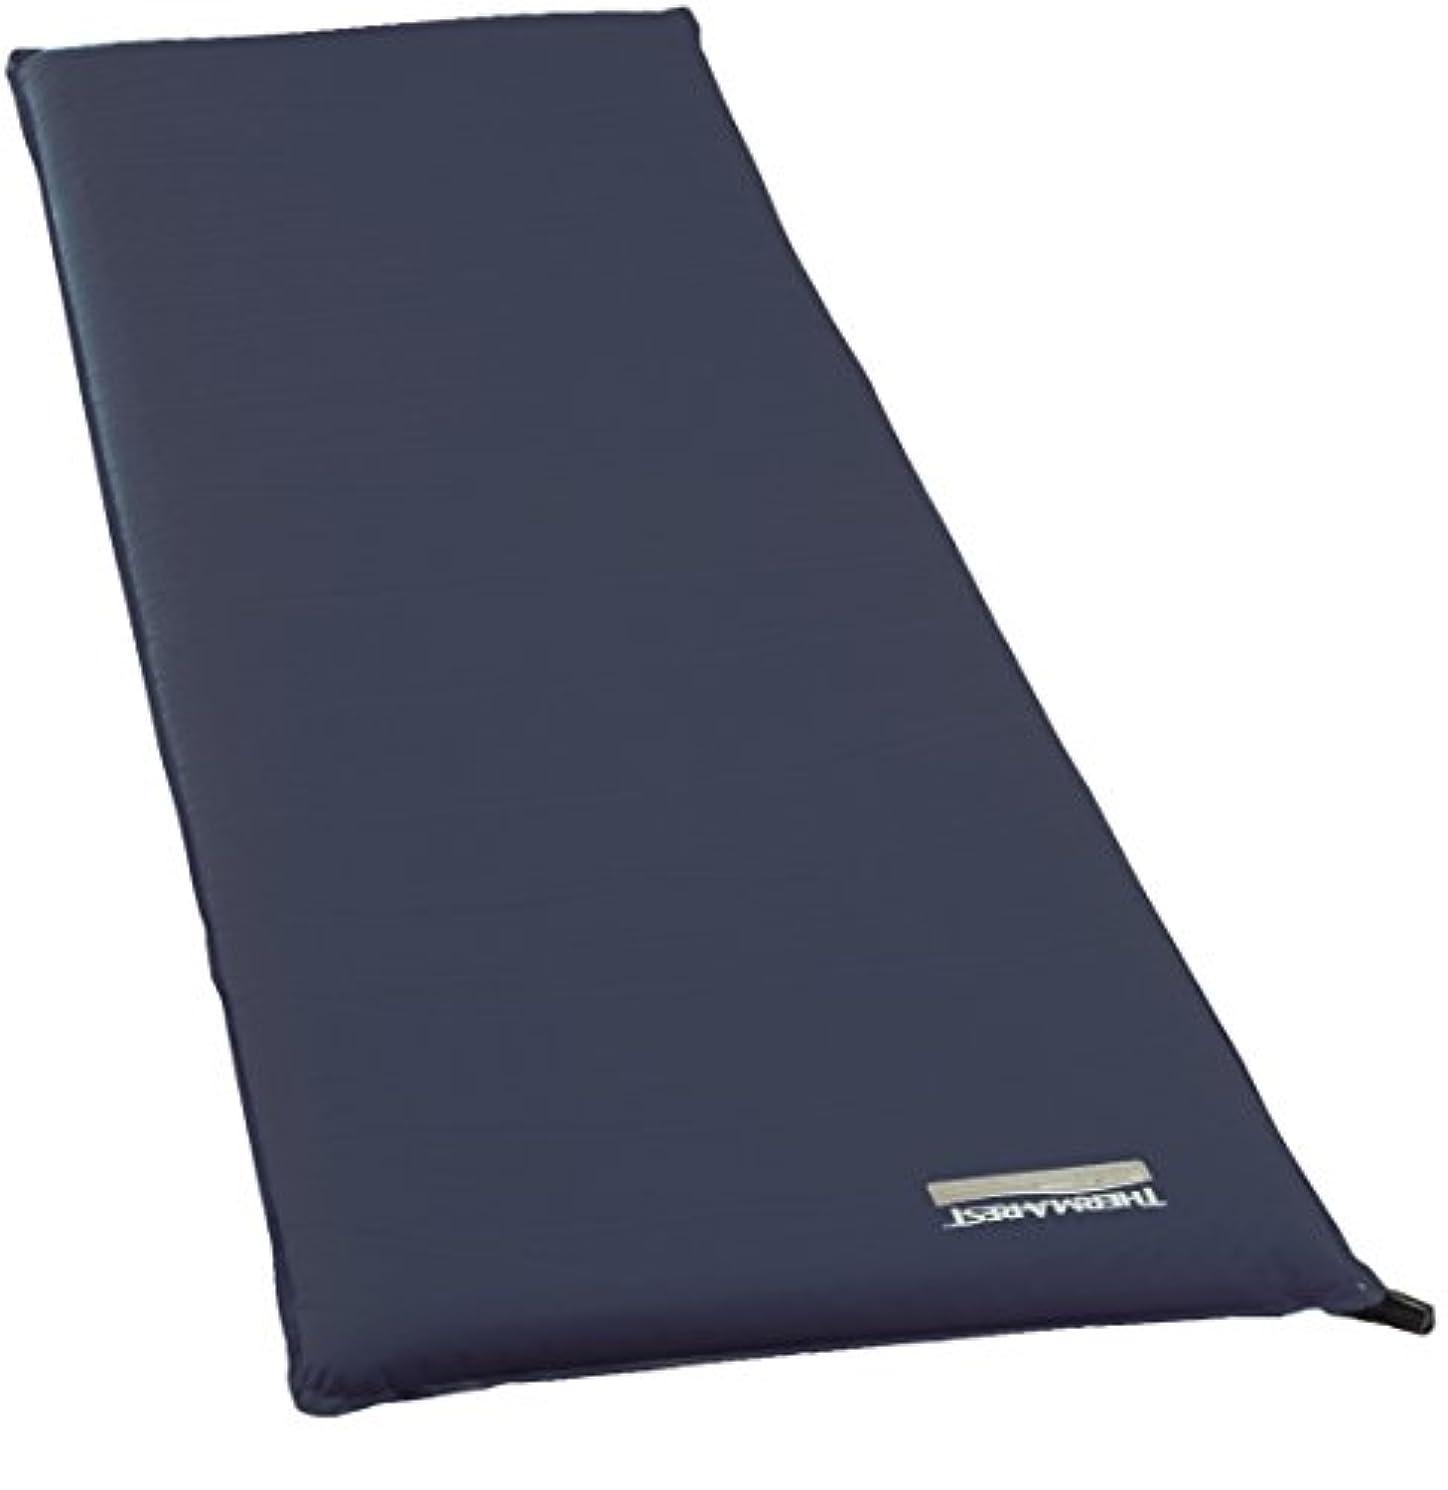 知るソファーバクテリアTHERMAREST(サーマレスト) 寝袋 マット BaseCamp ベースキャンプ エクストララージ(XL) 【日本正規品】 30158